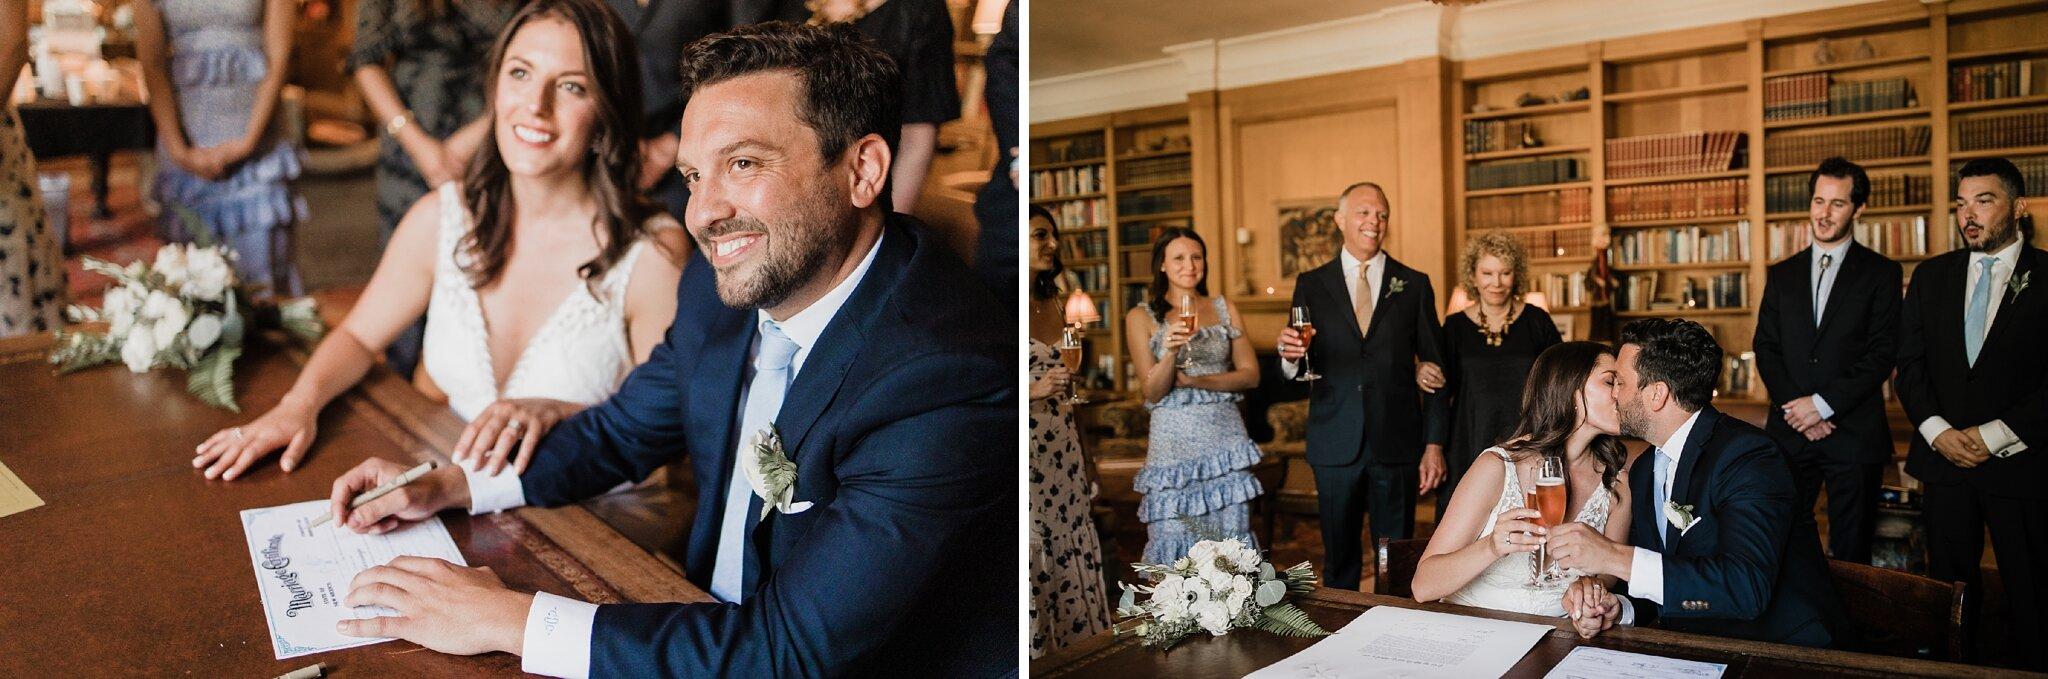 Alicia+lucia+photography+-+albuquerque+wedding+photographer+-+santa+fe+wedding+photography+-+new+mexico+wedding+photographer+-+new+mexico+wedding+-+wedding+-+albuquerque+wedding+-+los+poblanos+-+los+poblanos+wedding+-+fall+wedding_0040.jpg